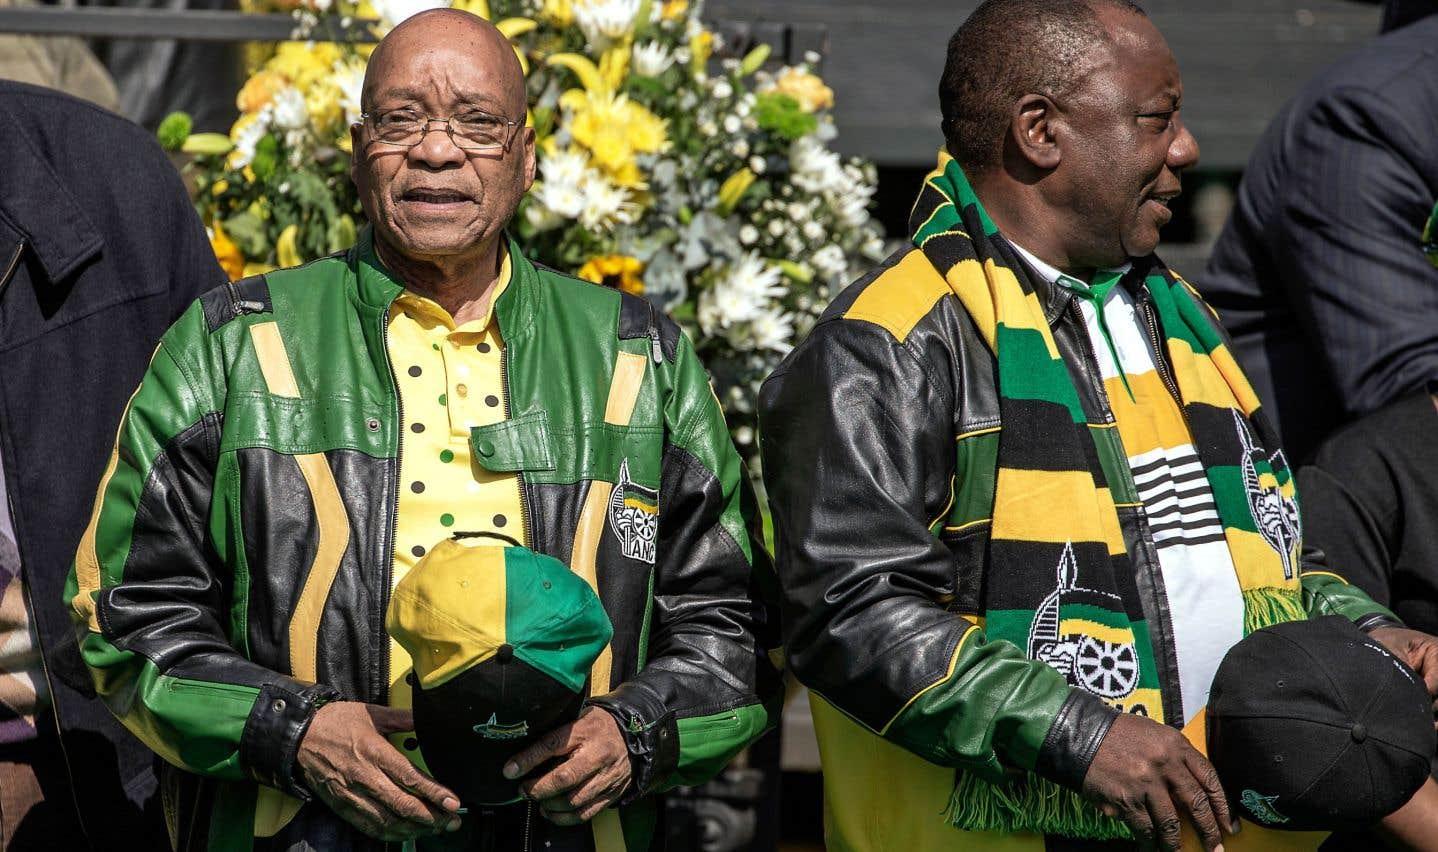 Jacob Zuma et Cyril Ramaphosa lors d'un événement partisan de l'ANC en 2016. Depuis son arrivée à la tête du parti en décembre, Cyril Ramaphosa cherche à pousser le président sud-africain vers la sortie.